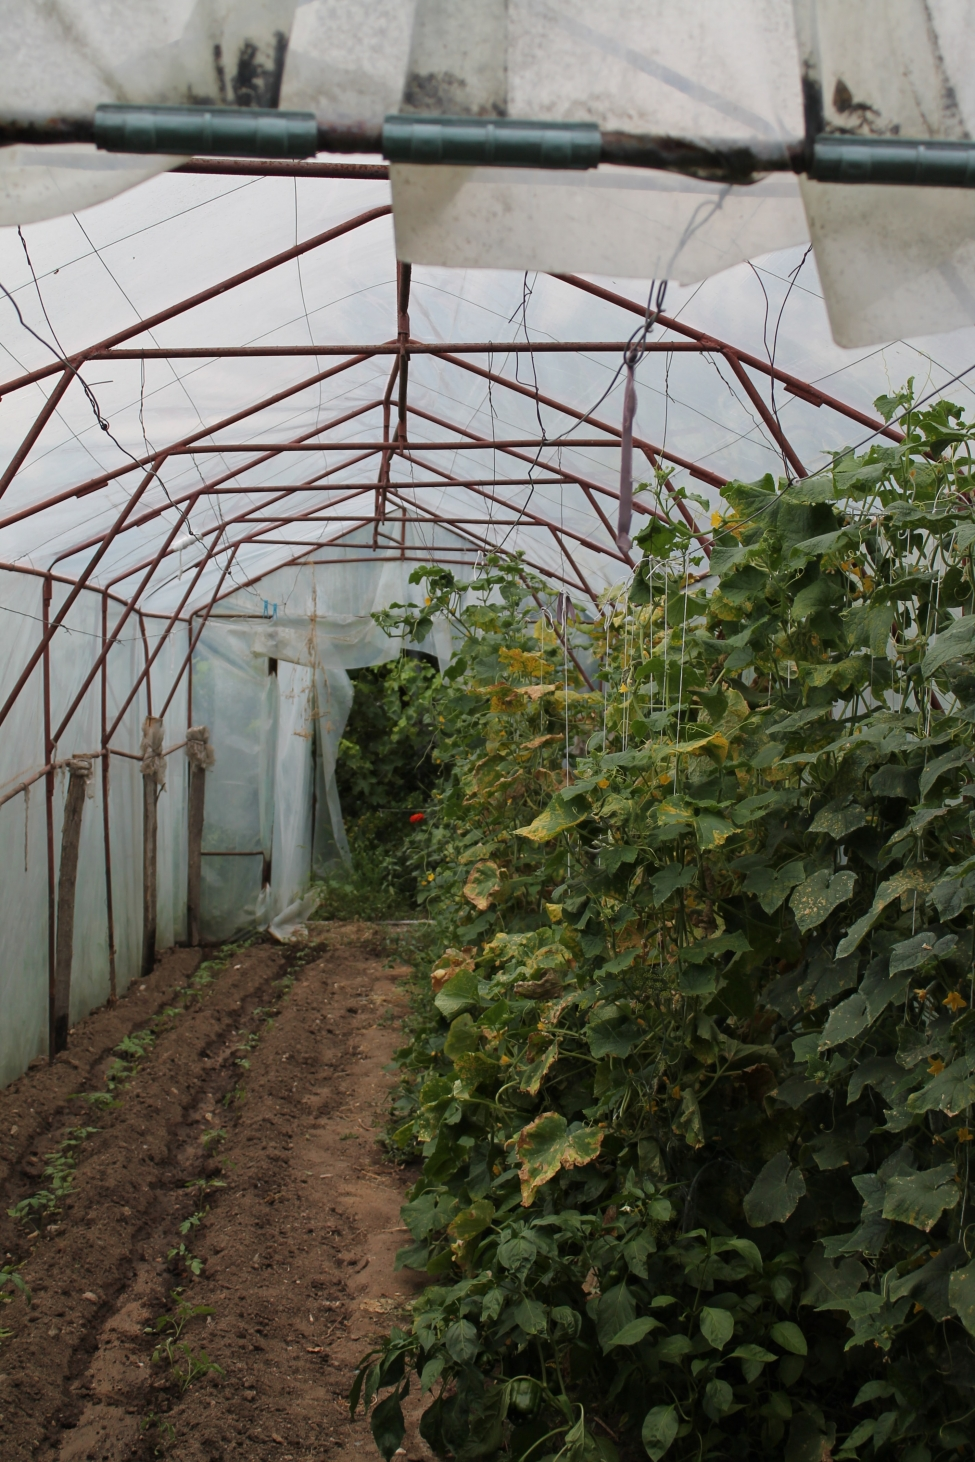 რა სახის სერვისს შესთავაზებს წყალტუბოს სასათბურე მეურნეობების კლასტერი ადგილობრივ ფერმერებს